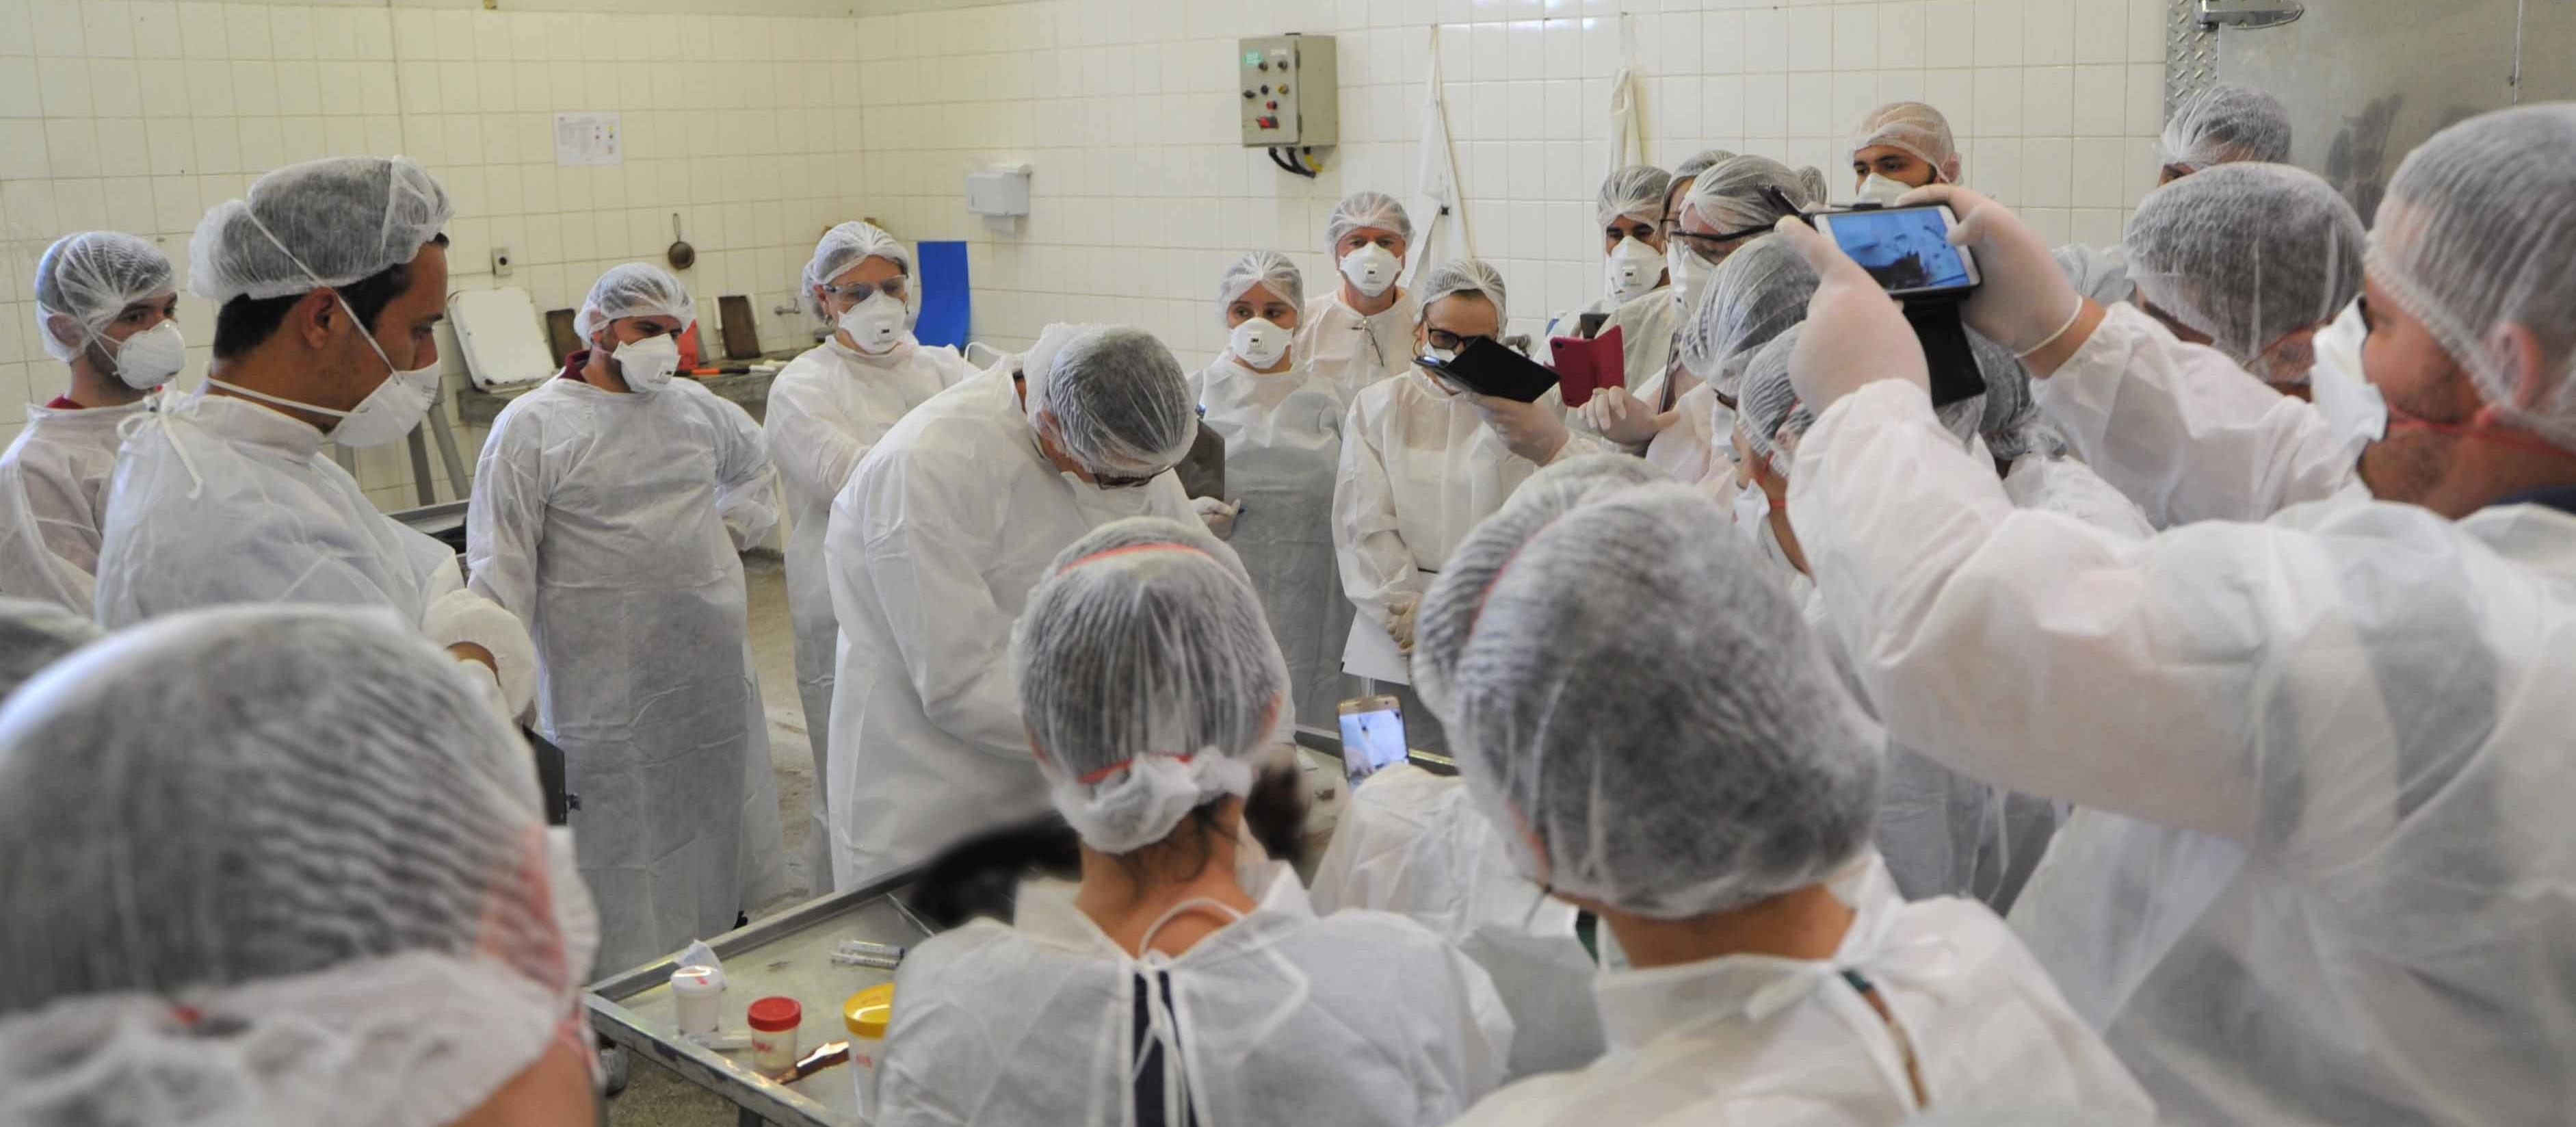 Estado capacita servidores para atuar no combate à febre amarela